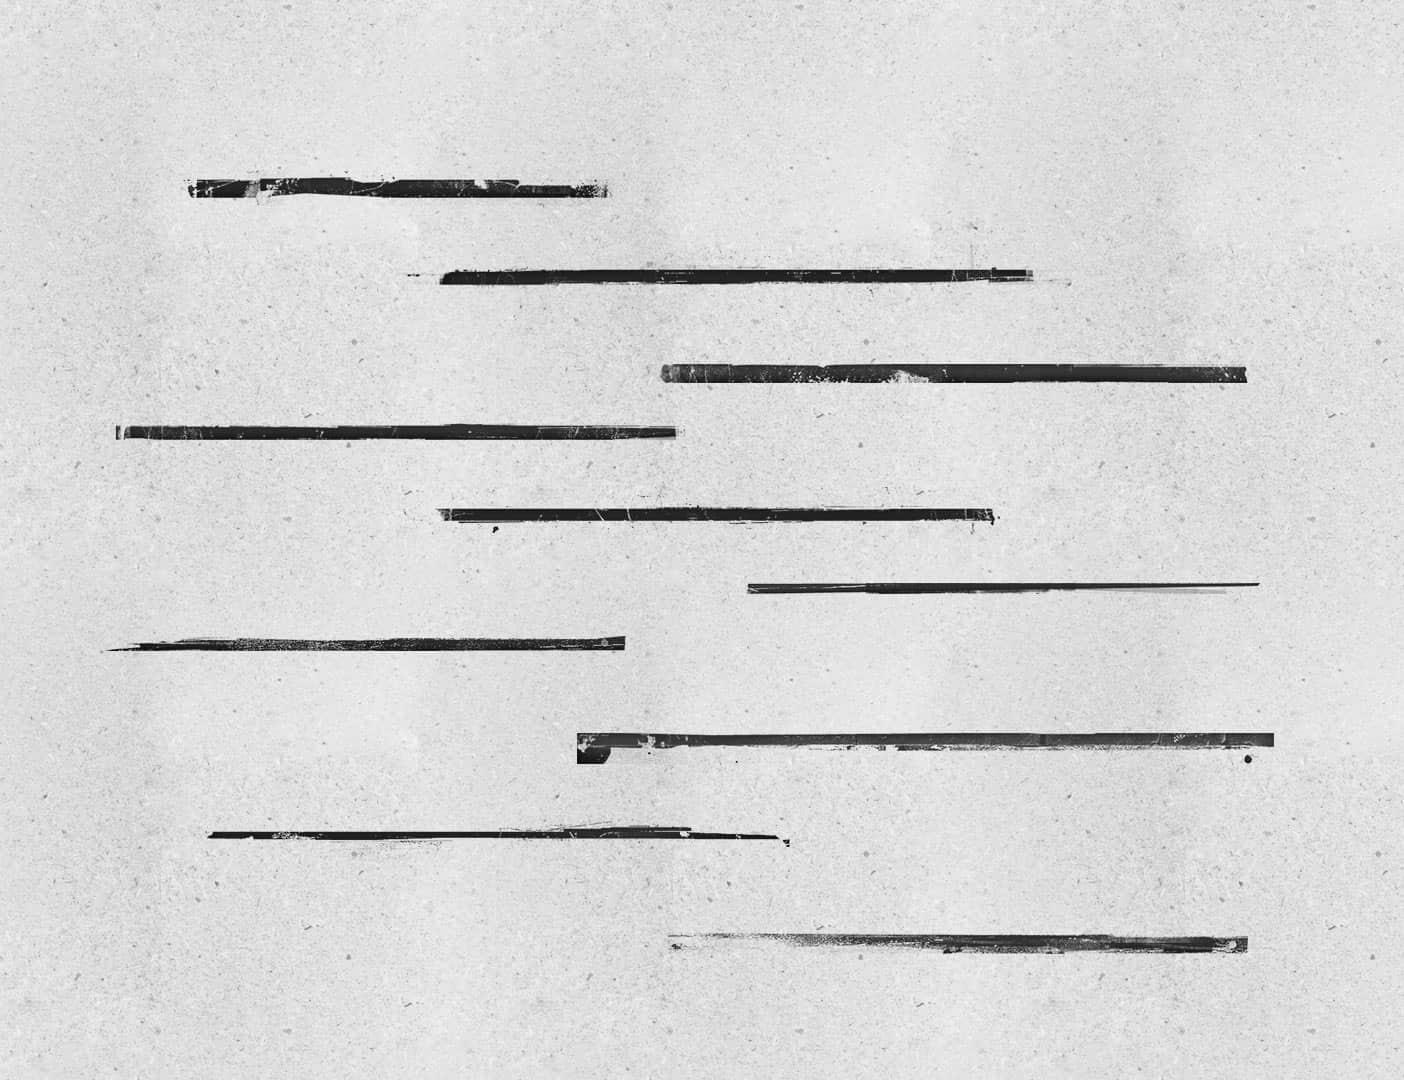 油漆刷子涂抹线条边缘痕迹PS笔刷下载